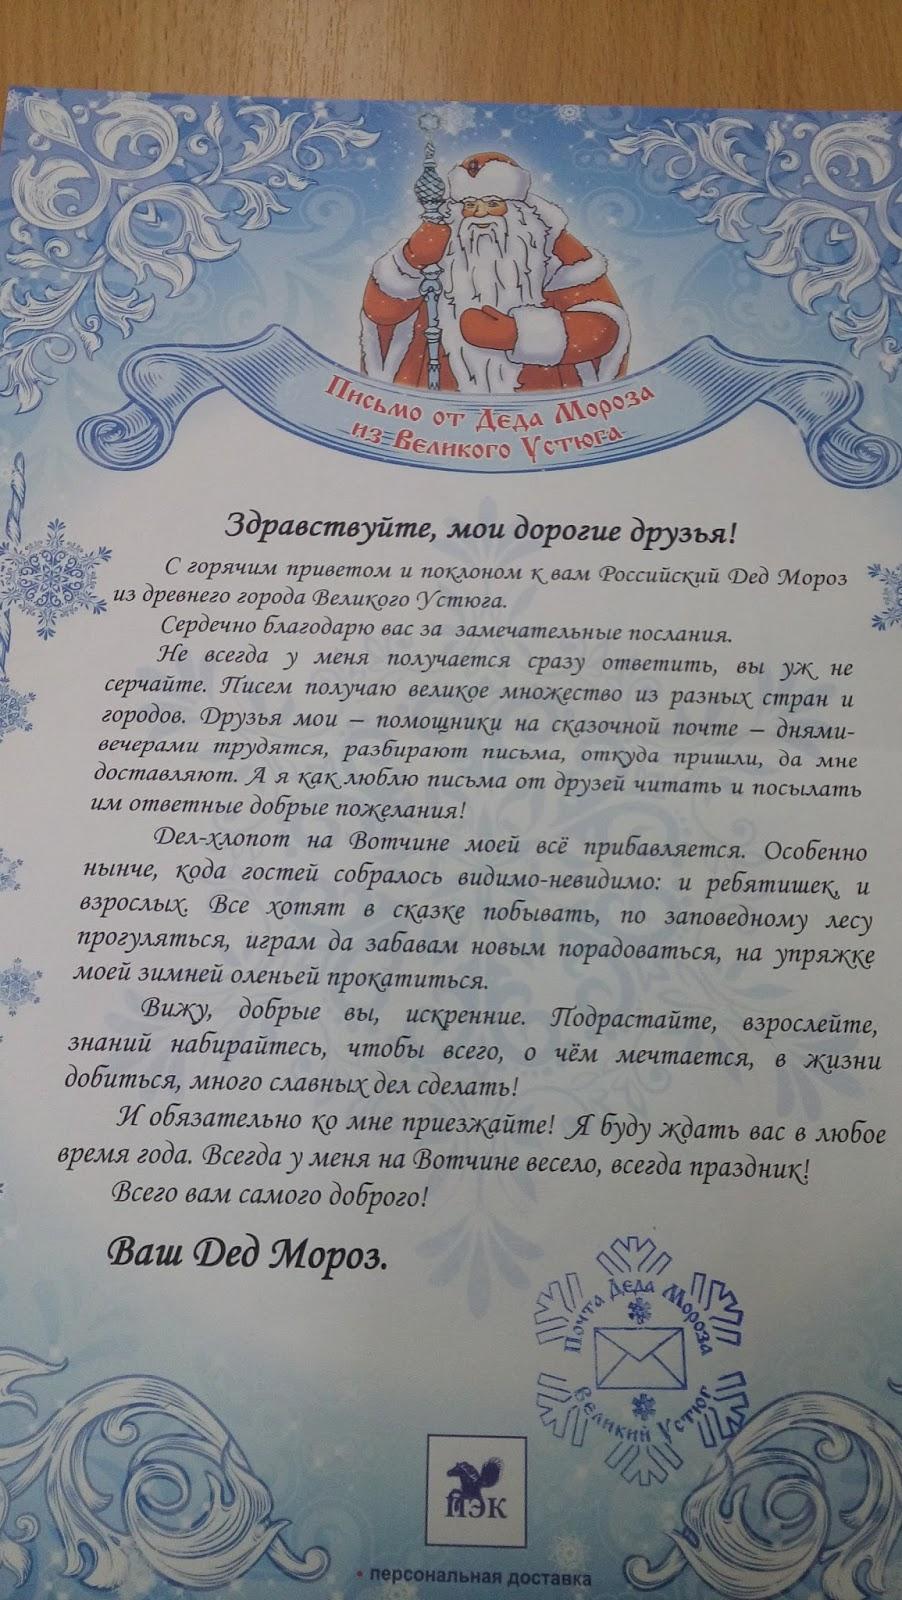 Поздравления от деда мороза с великого устюга7